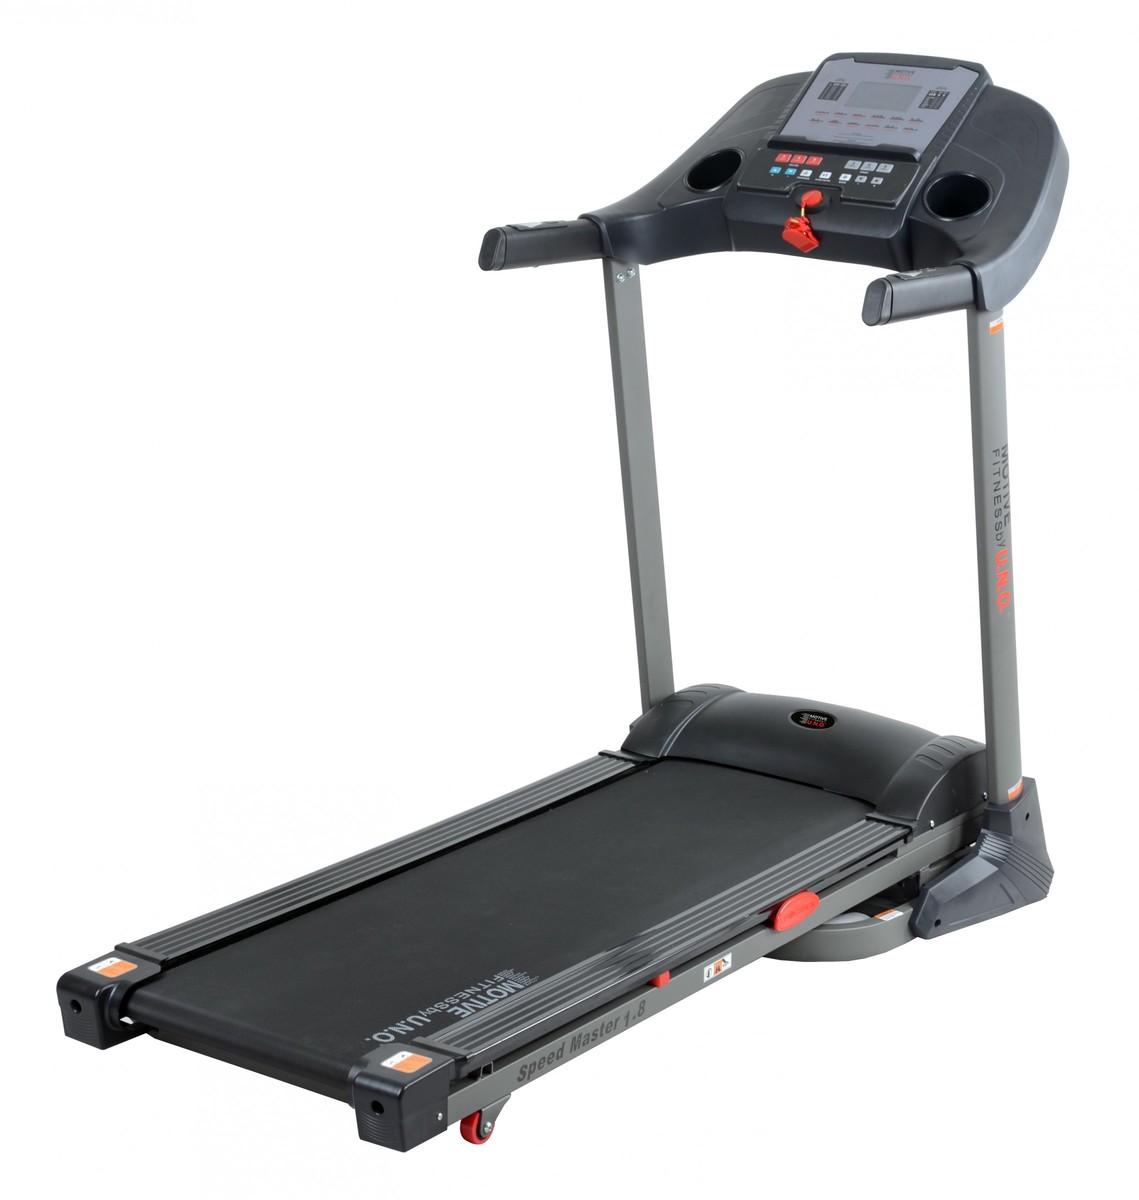 Bild 1 von MOTIVE Fitness by U.N.O. Laufband Speed Master 1.8